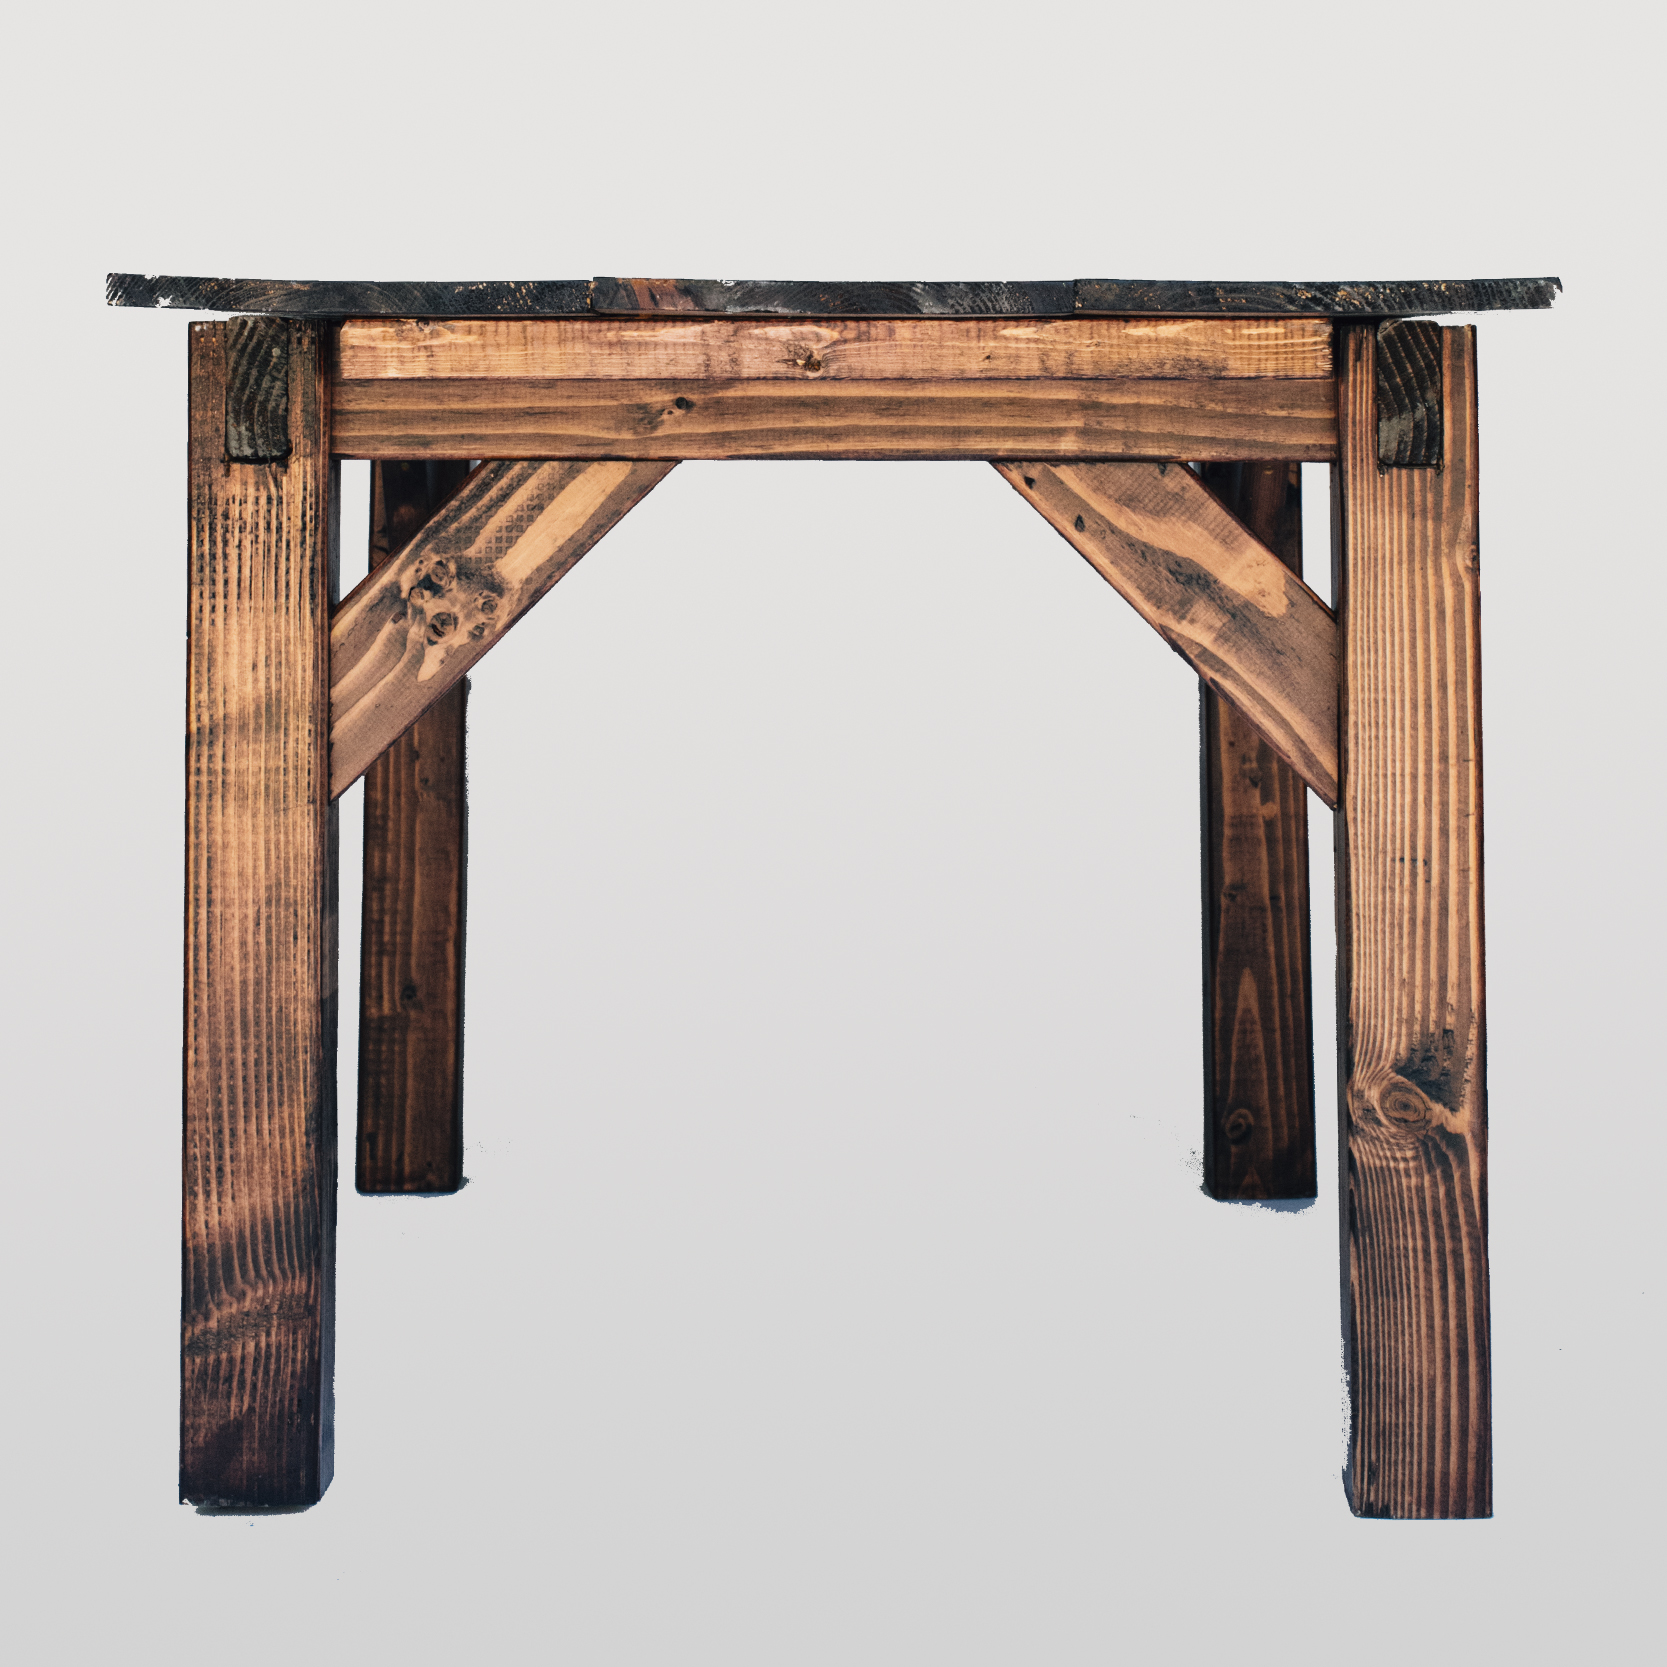 TABLE_SIDE.jpg